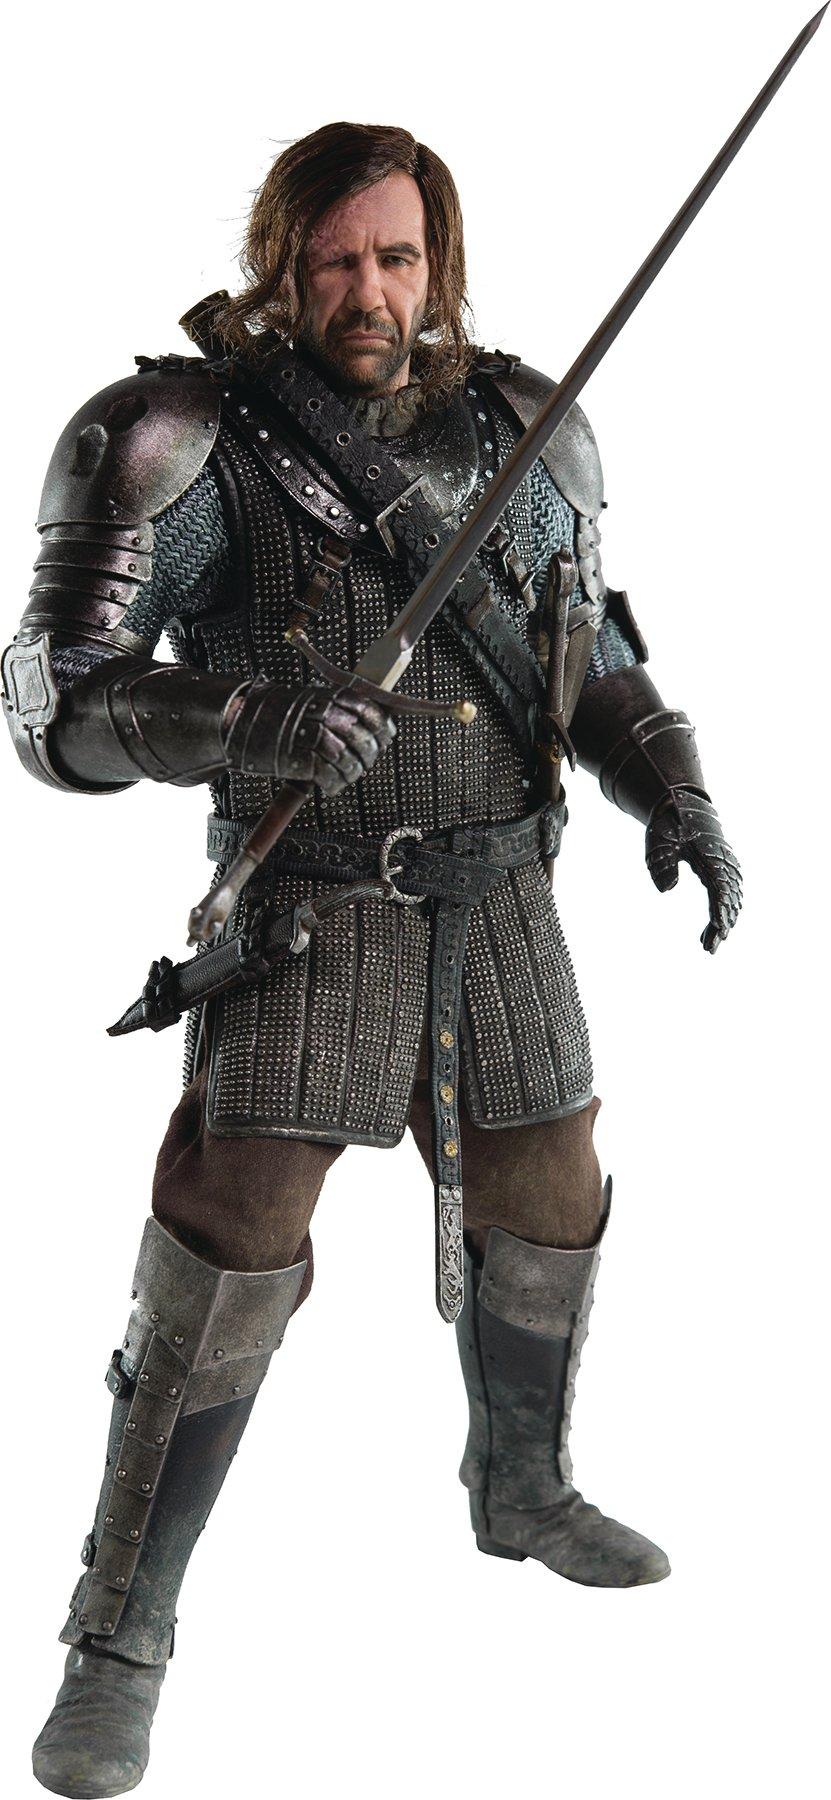 ThreeZero Game of Thrones: The Hound 1:6 Scale Action Figure